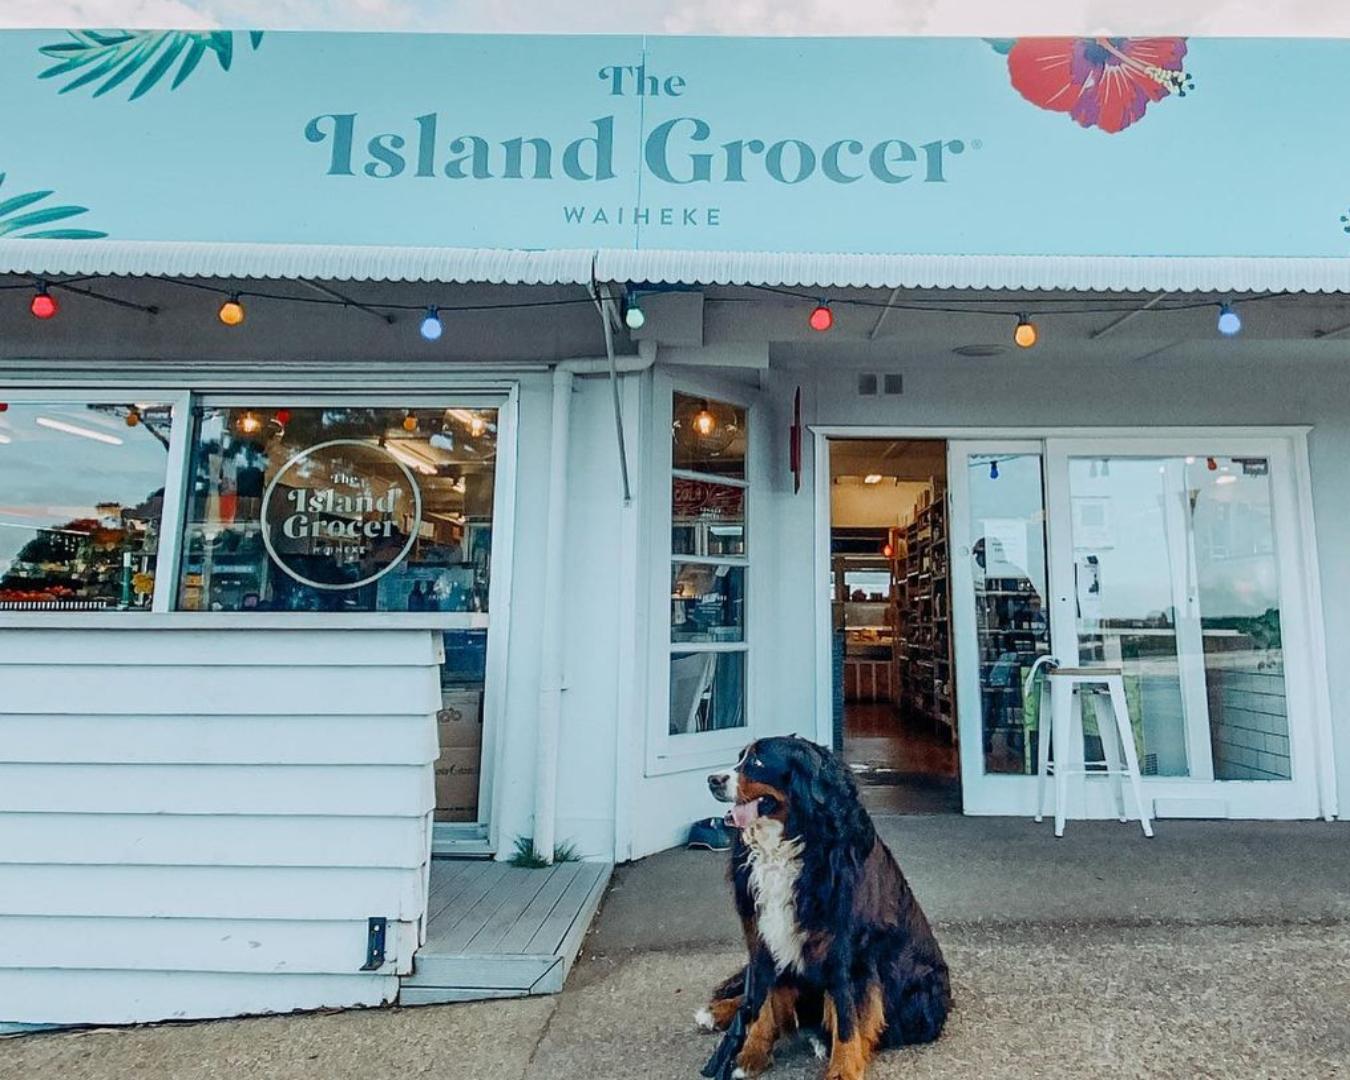 Dog sitting outside The Island Grocer on Waiheke Island